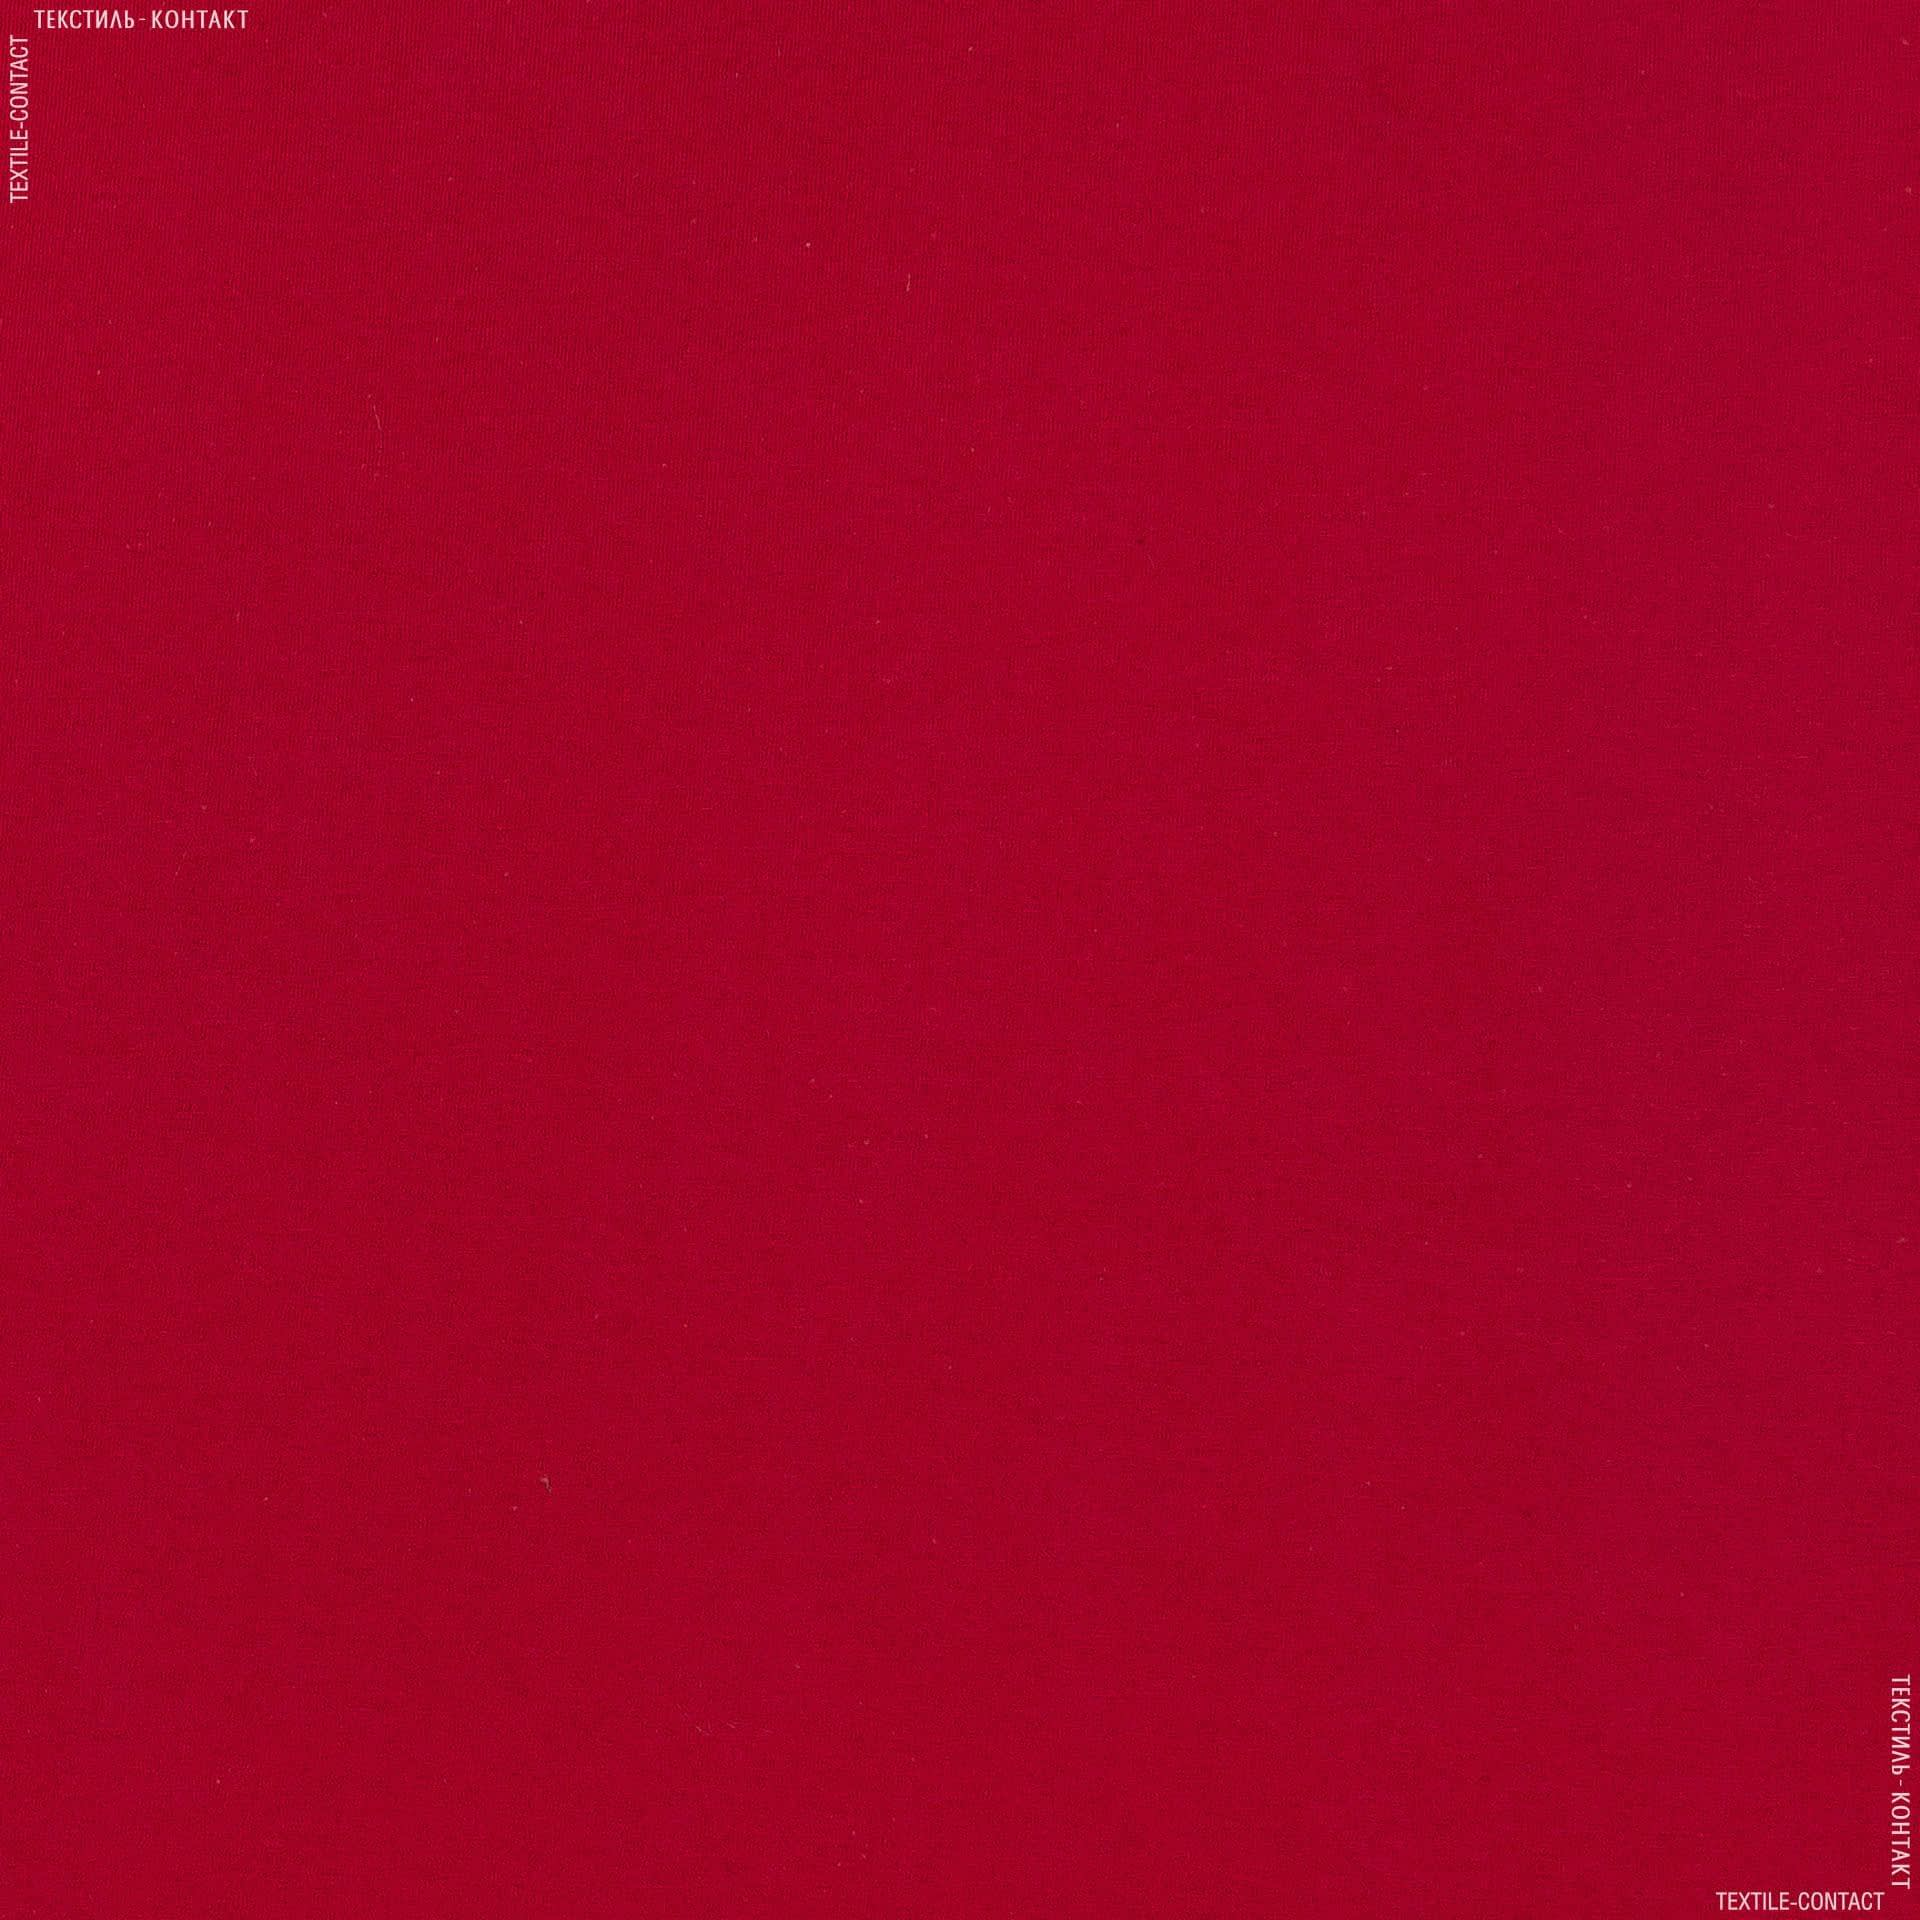 Ткани для спортивной одежды - Кулирное полотно  100см х 2 красный